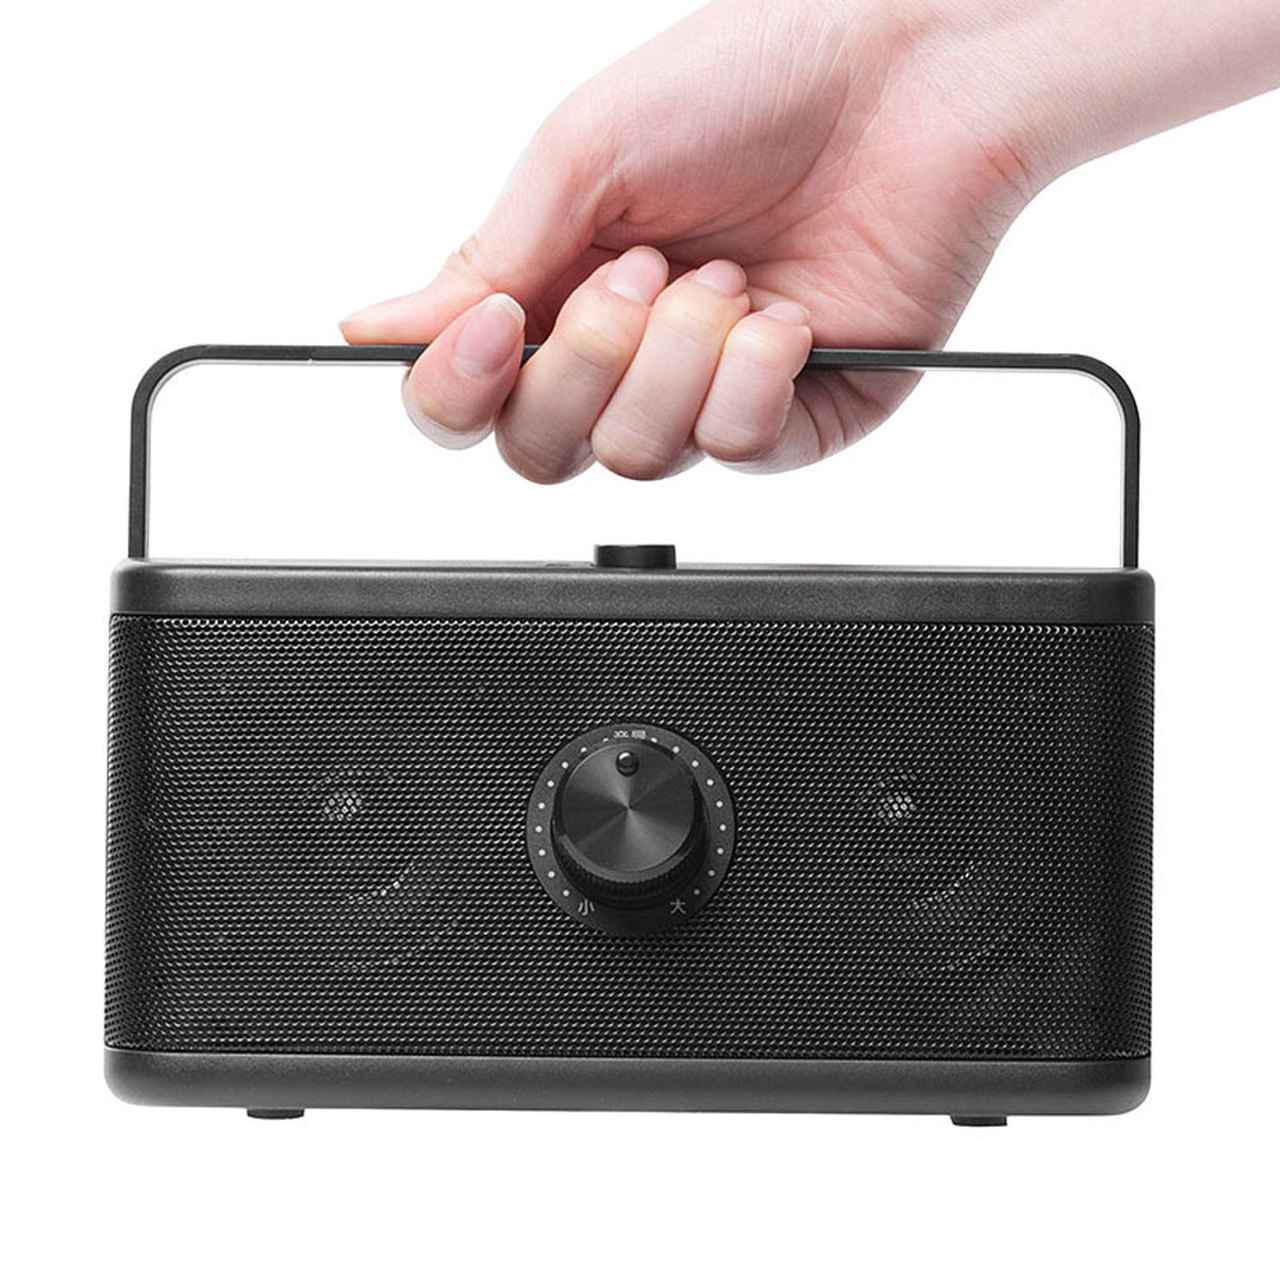 画像2: サンワサプライ、テレビの音を手元で聴けるテレビ用スピーカー「400-SP087」を発売。乾電池、USB給電の2ウェイ式で、持ち運びも簡単